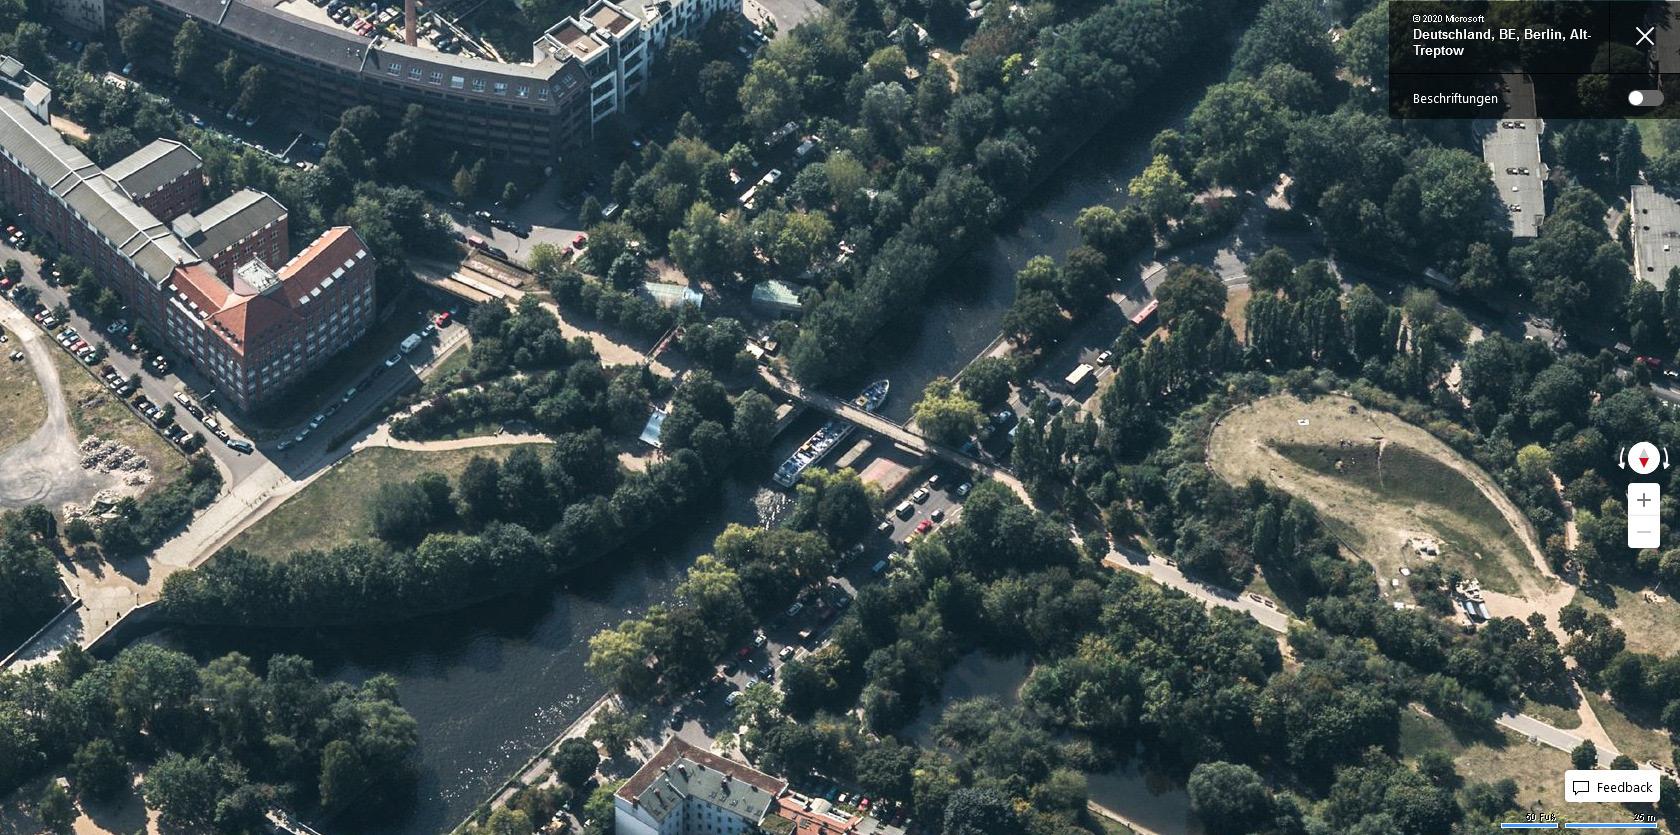 """Eisenbahnbrücke über den Landwehrkanal - Bing Maps Vogelperspektive """"Süden"""""""